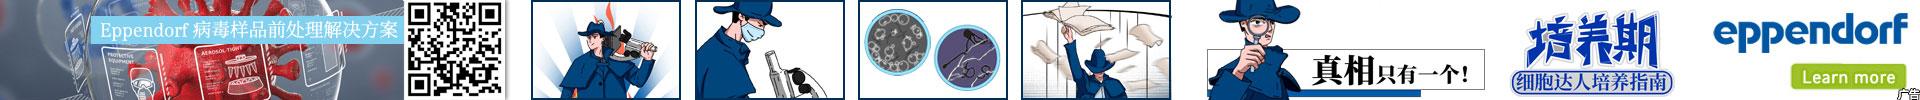 Eppendorf细胞培养的挑战